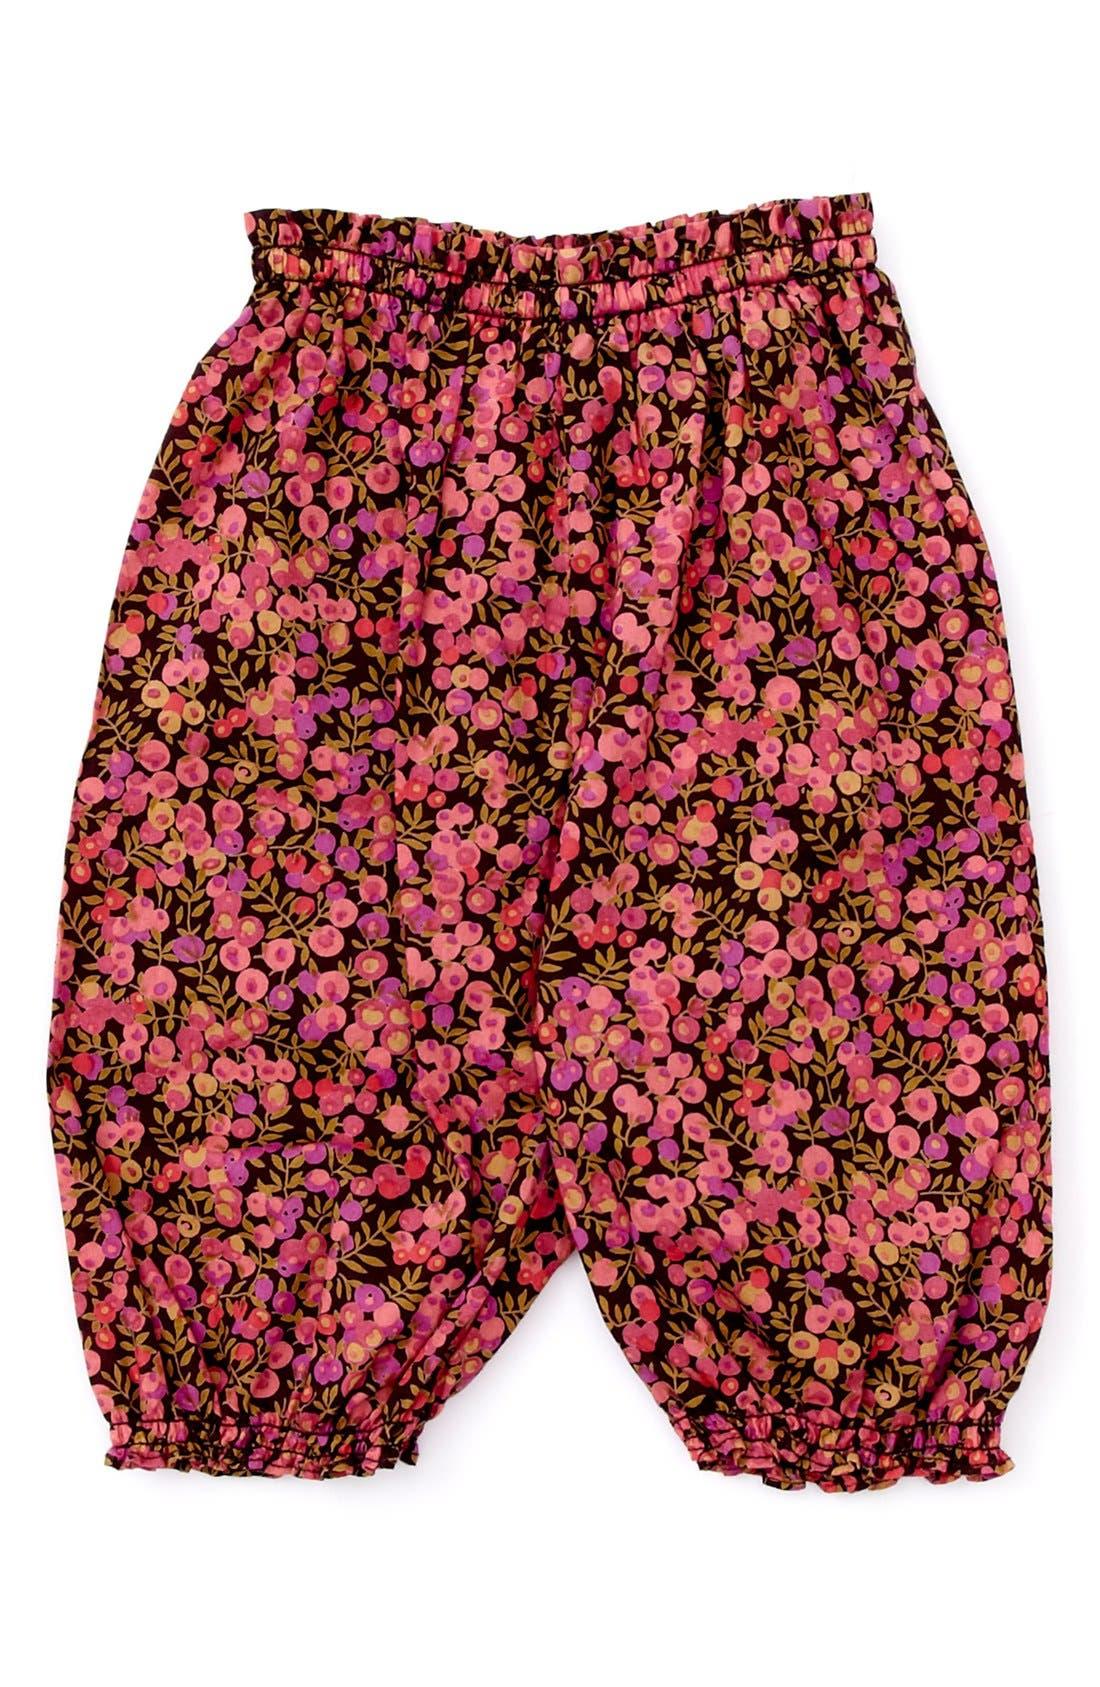 Alternate Image 1 Selected - Peek Long Bloomers (Baby Girls)